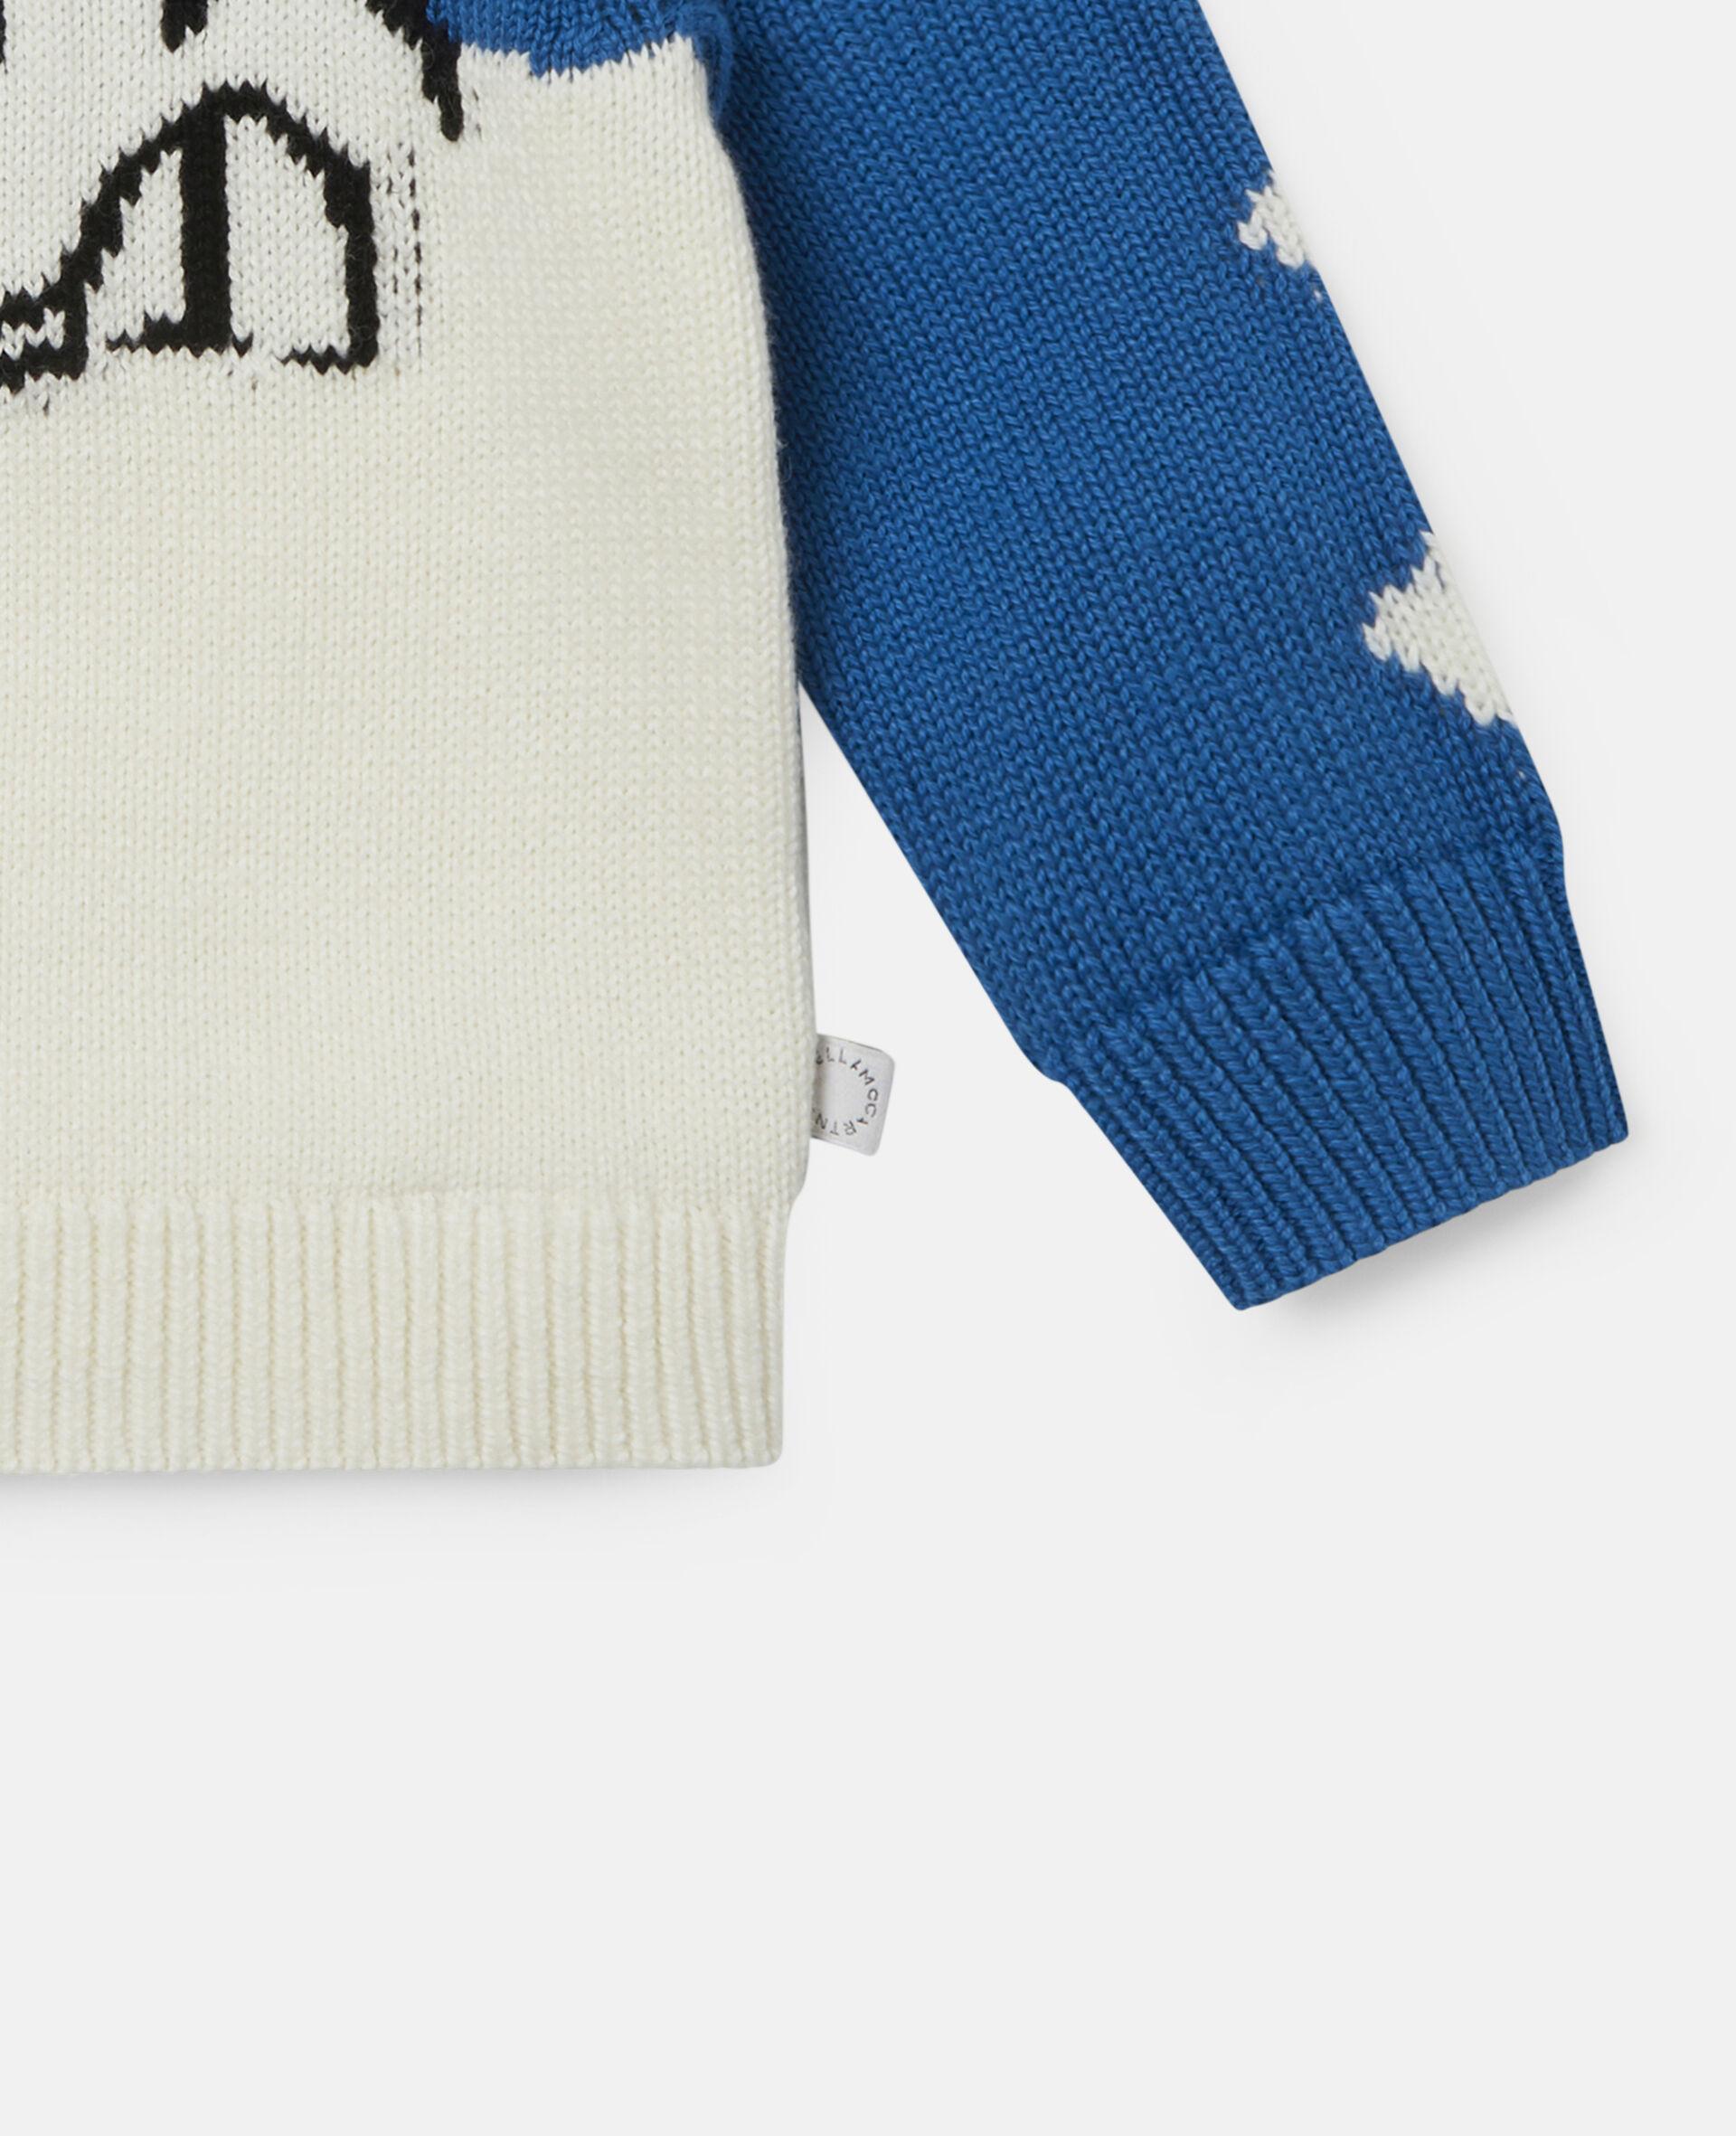 Doodle Dog Knit Intarsia Sweater-White-large image number 2